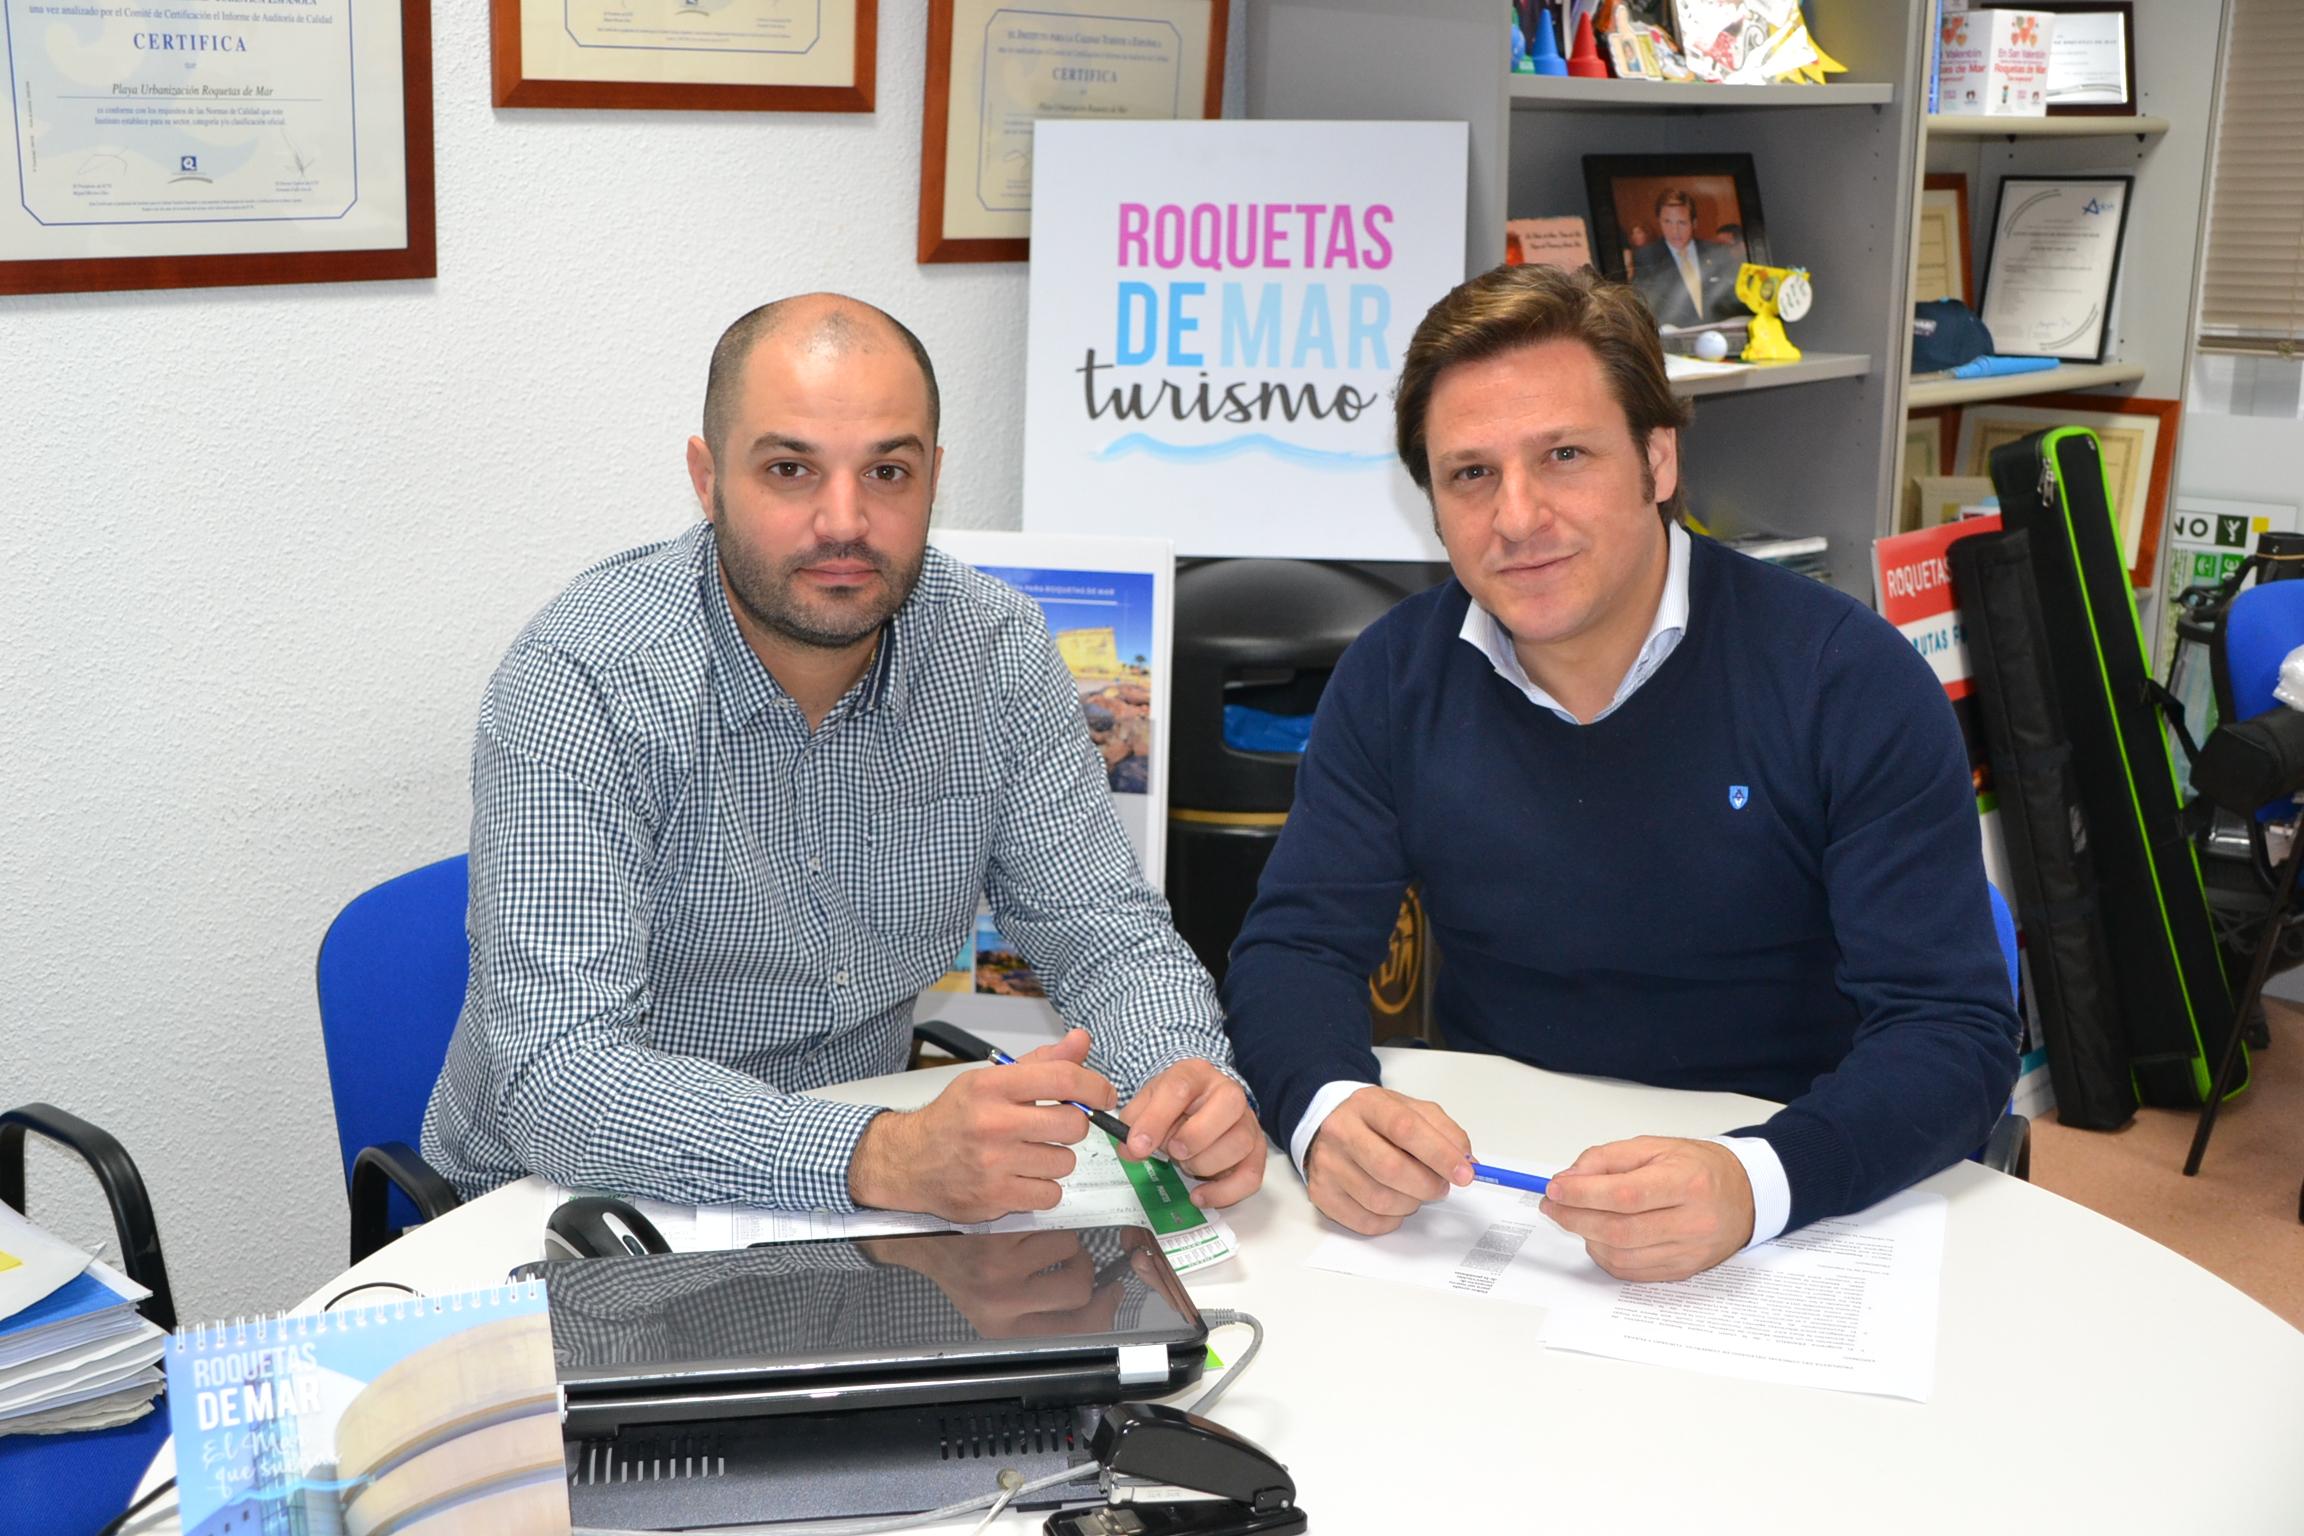 Turismo y Juventud se unen para difundir los valores naturales del municipio en Europa